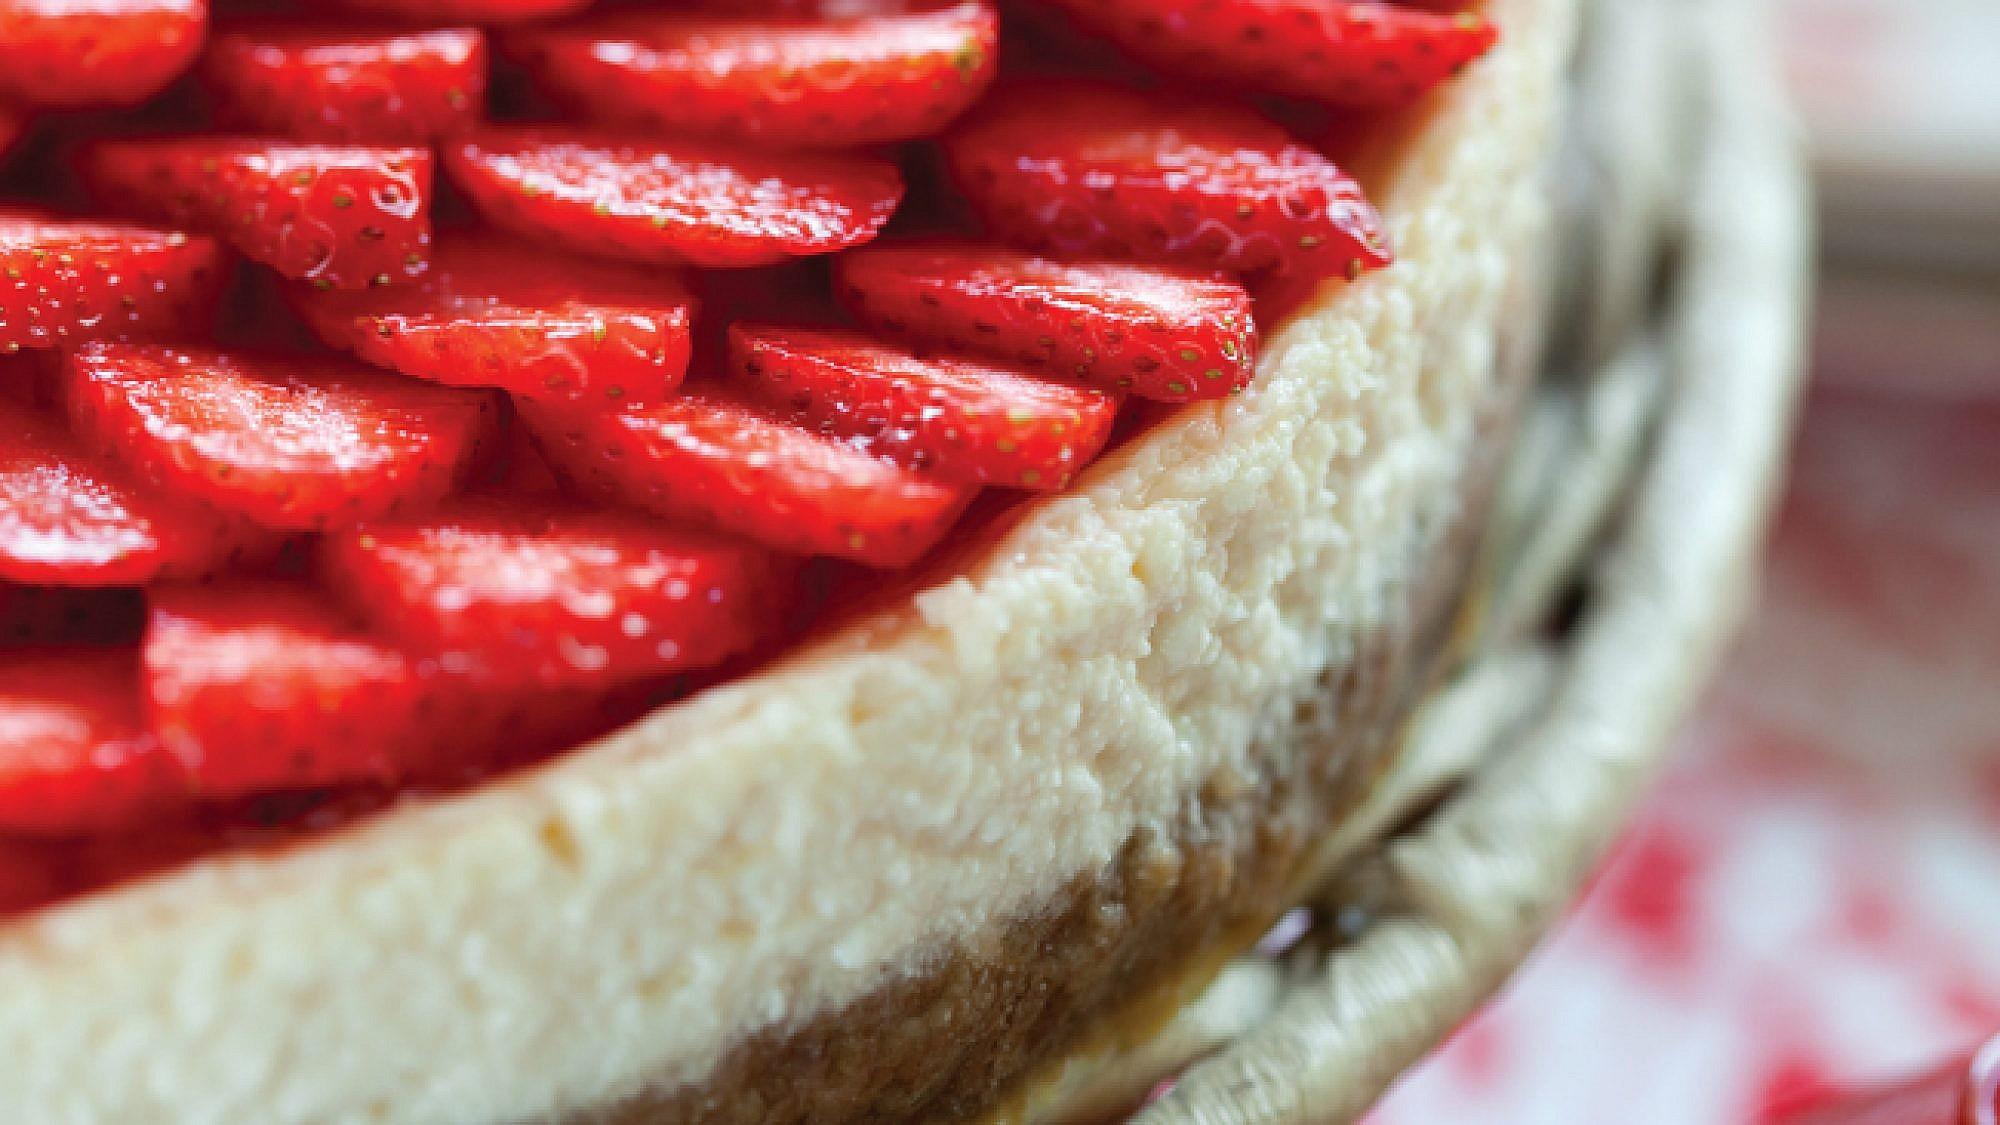 עוגת גבינה עם קלתית מעוגיות קרמל וציפוי תותים. צילום: דן לב | סגנון: טליה גון-אסיף